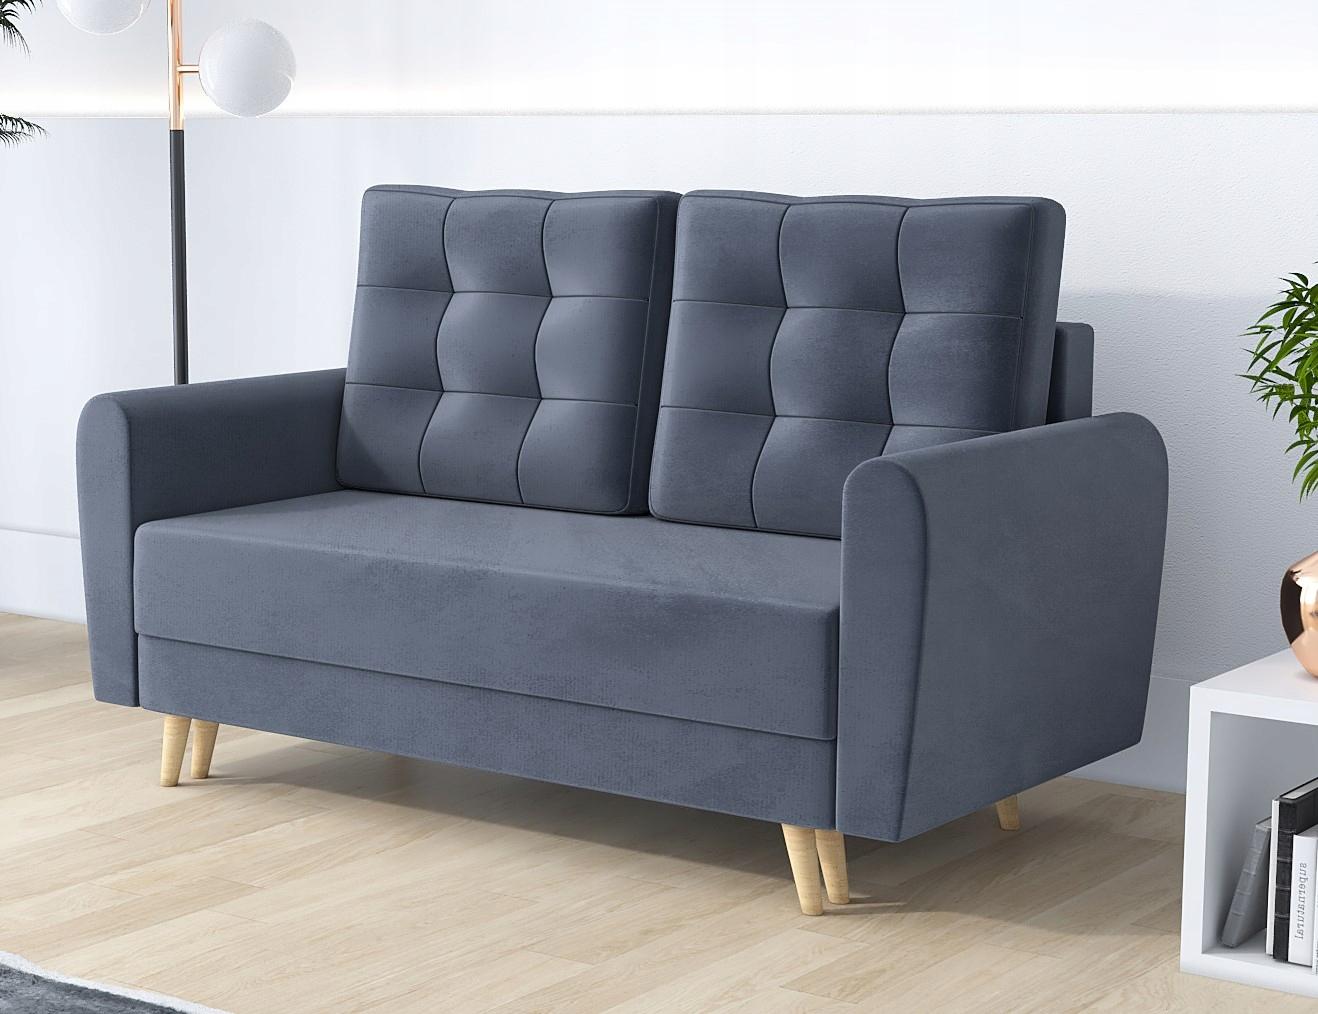 Sofa kanapa wersalka SILVER z funkcją spania